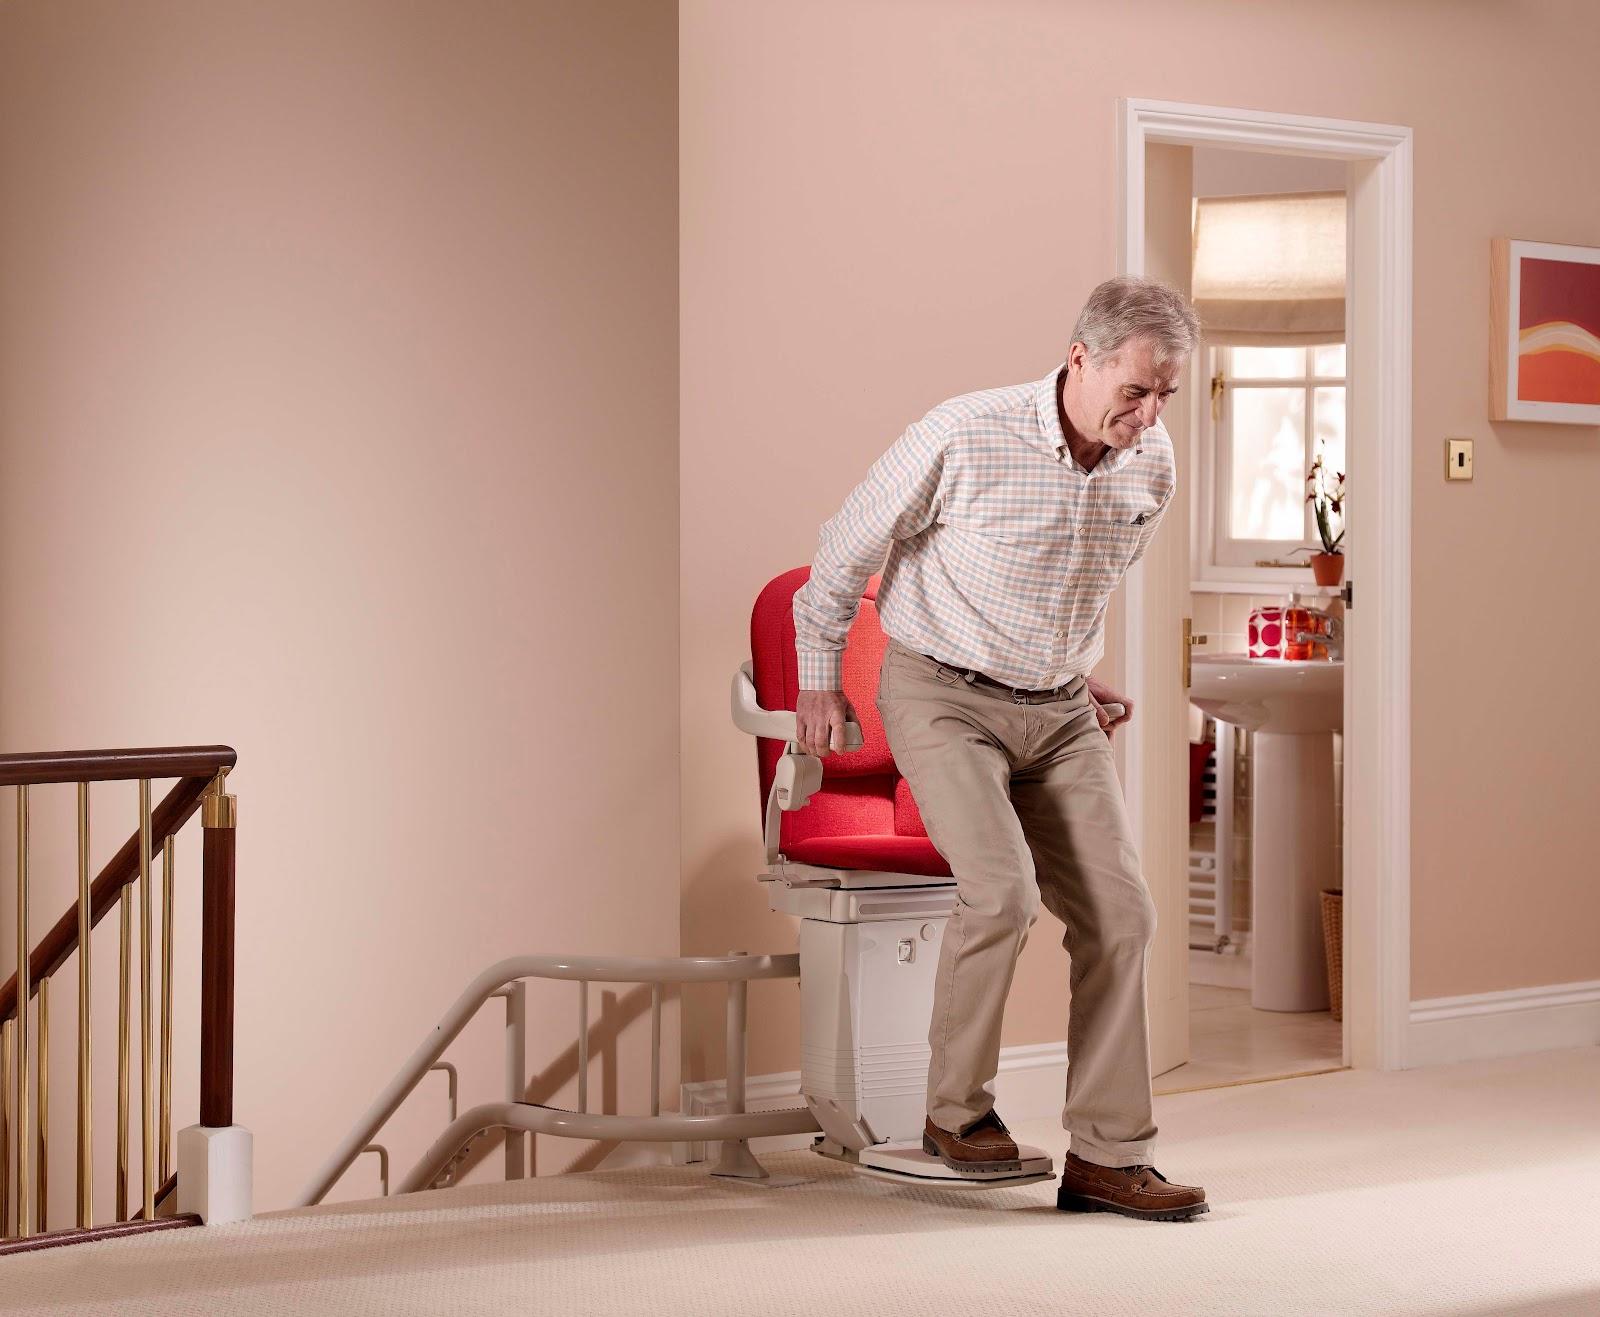 pourquoi laisser votre maison quand vous pouvez installer un monte escalier fr blog. Black Bedroom Furniture Sets. Home Design Ideas